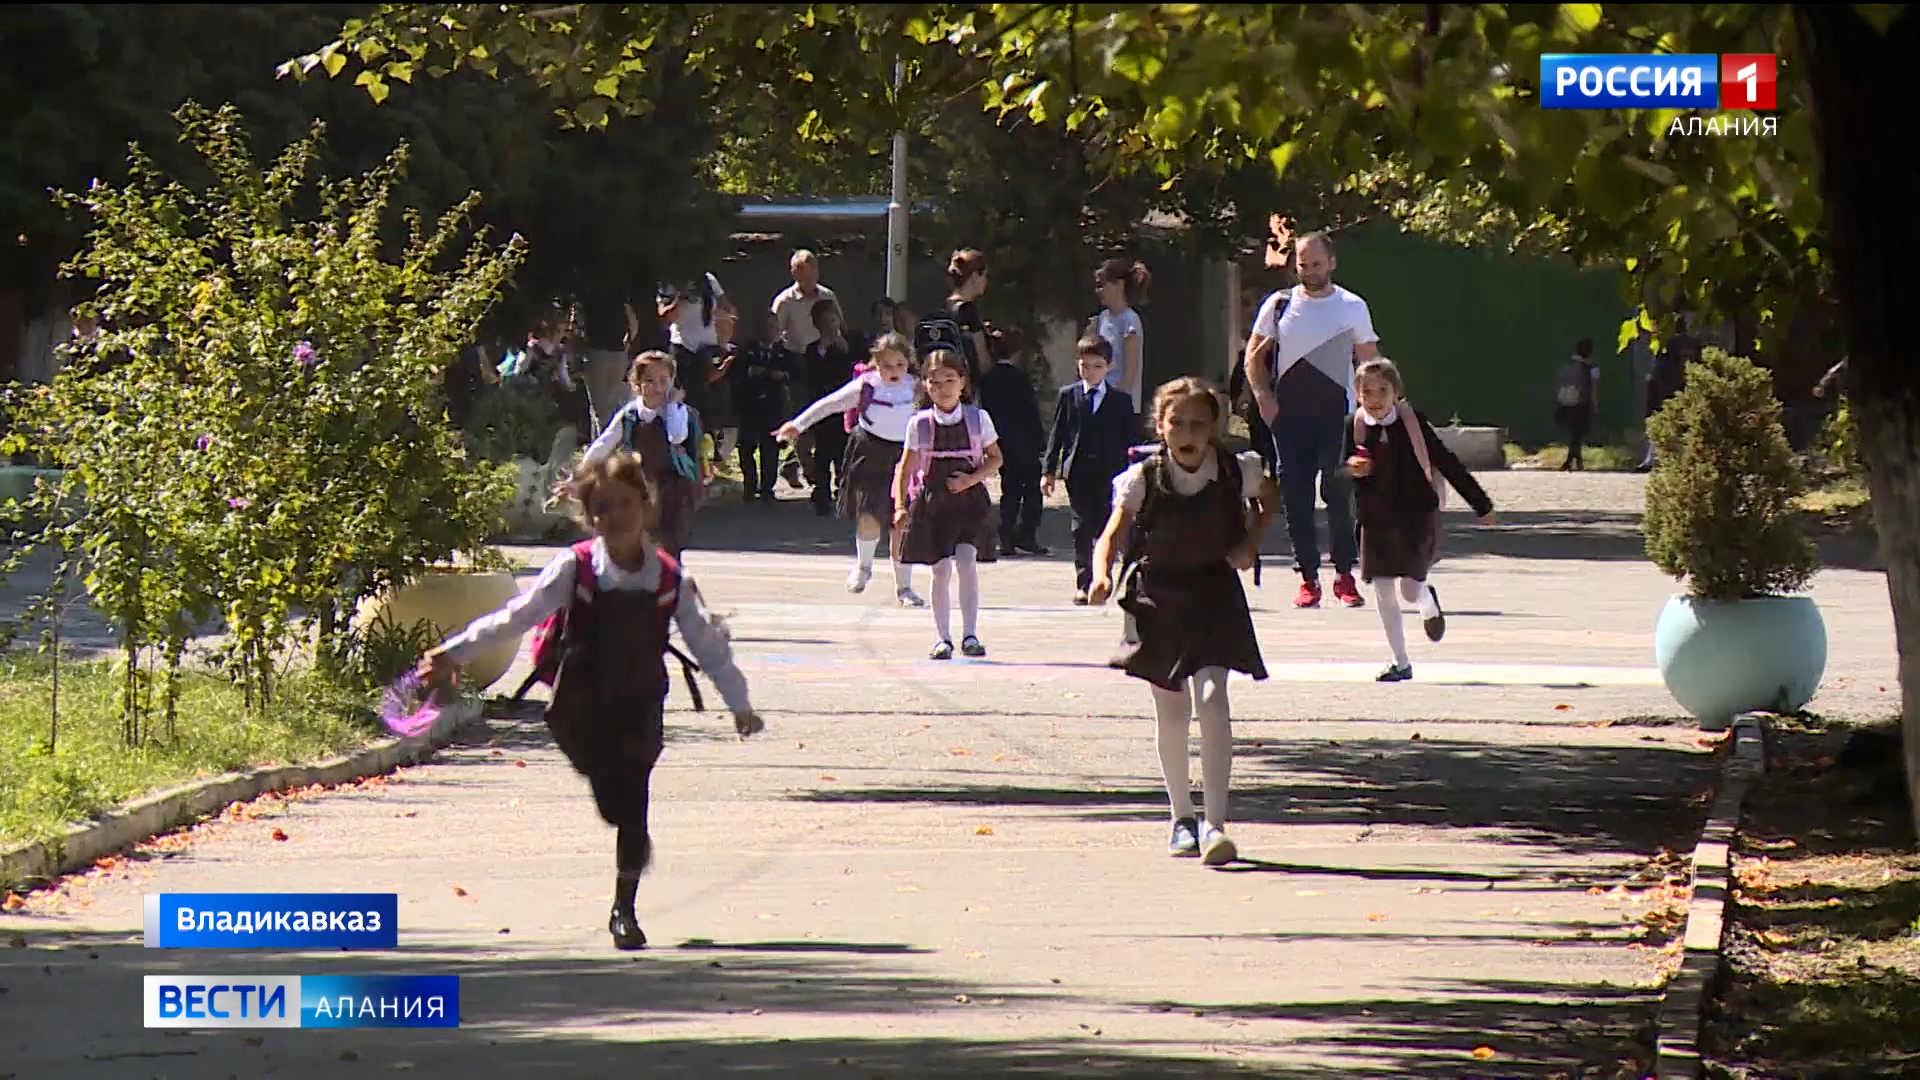 Активисты ОНФ проверили безопасности школьных маршрутов во Владикавказе